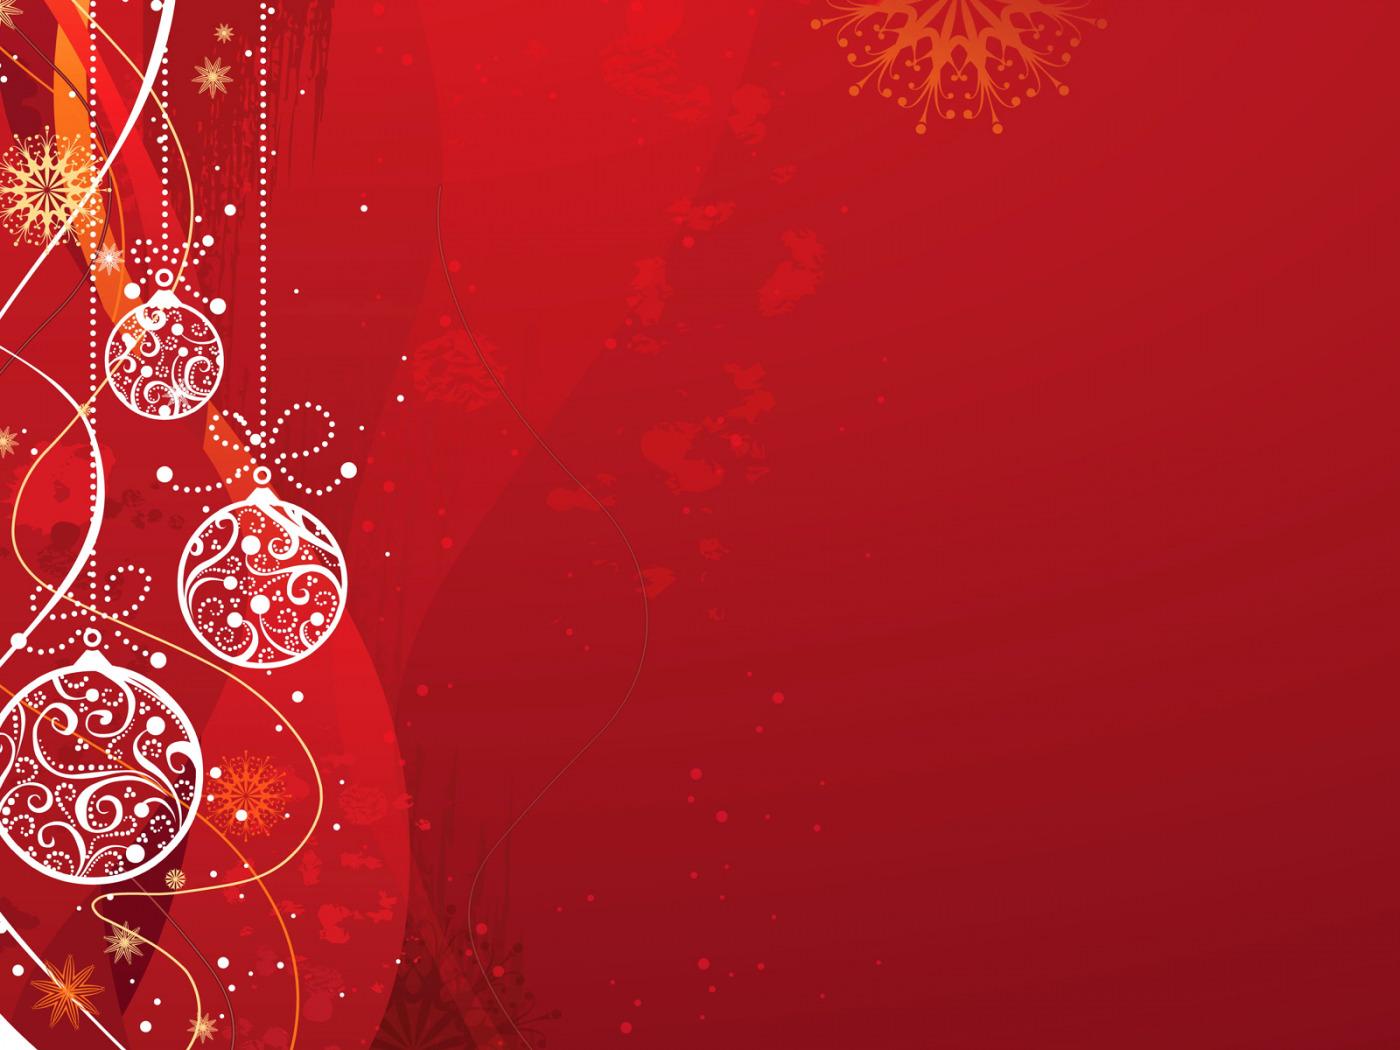 Фон для новогодний открытки, картинки инсты поздравления